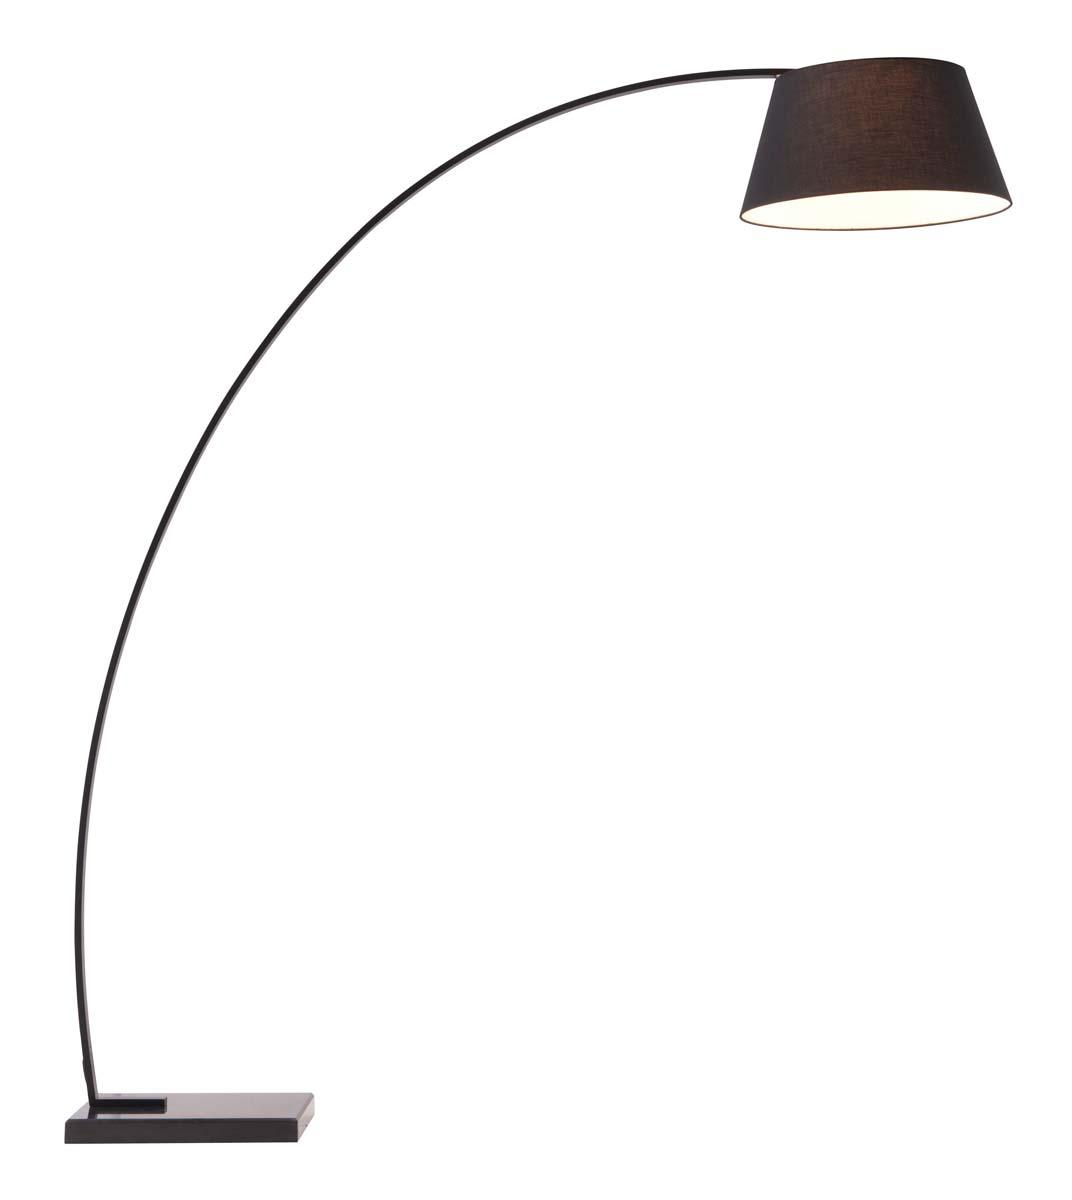 Zuo Modern Vortex Floor Lamp - Black